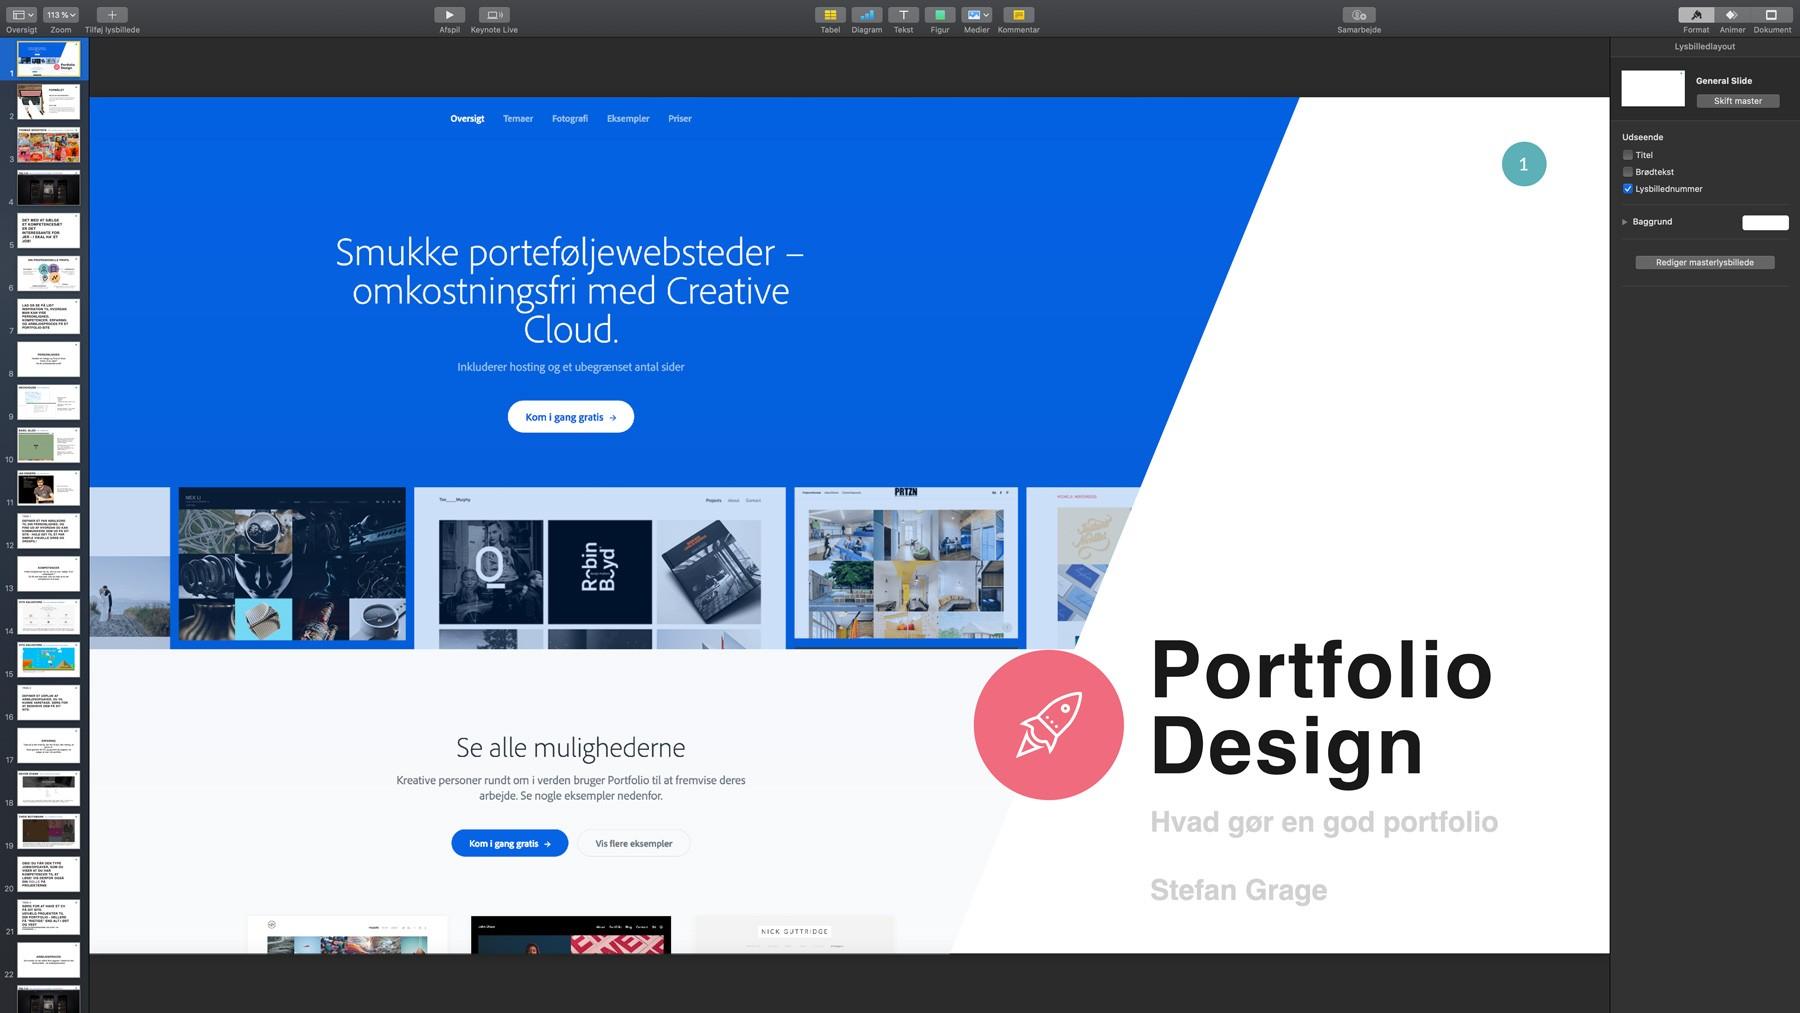 Portfolio design - et oplæg om design af portfolio websites